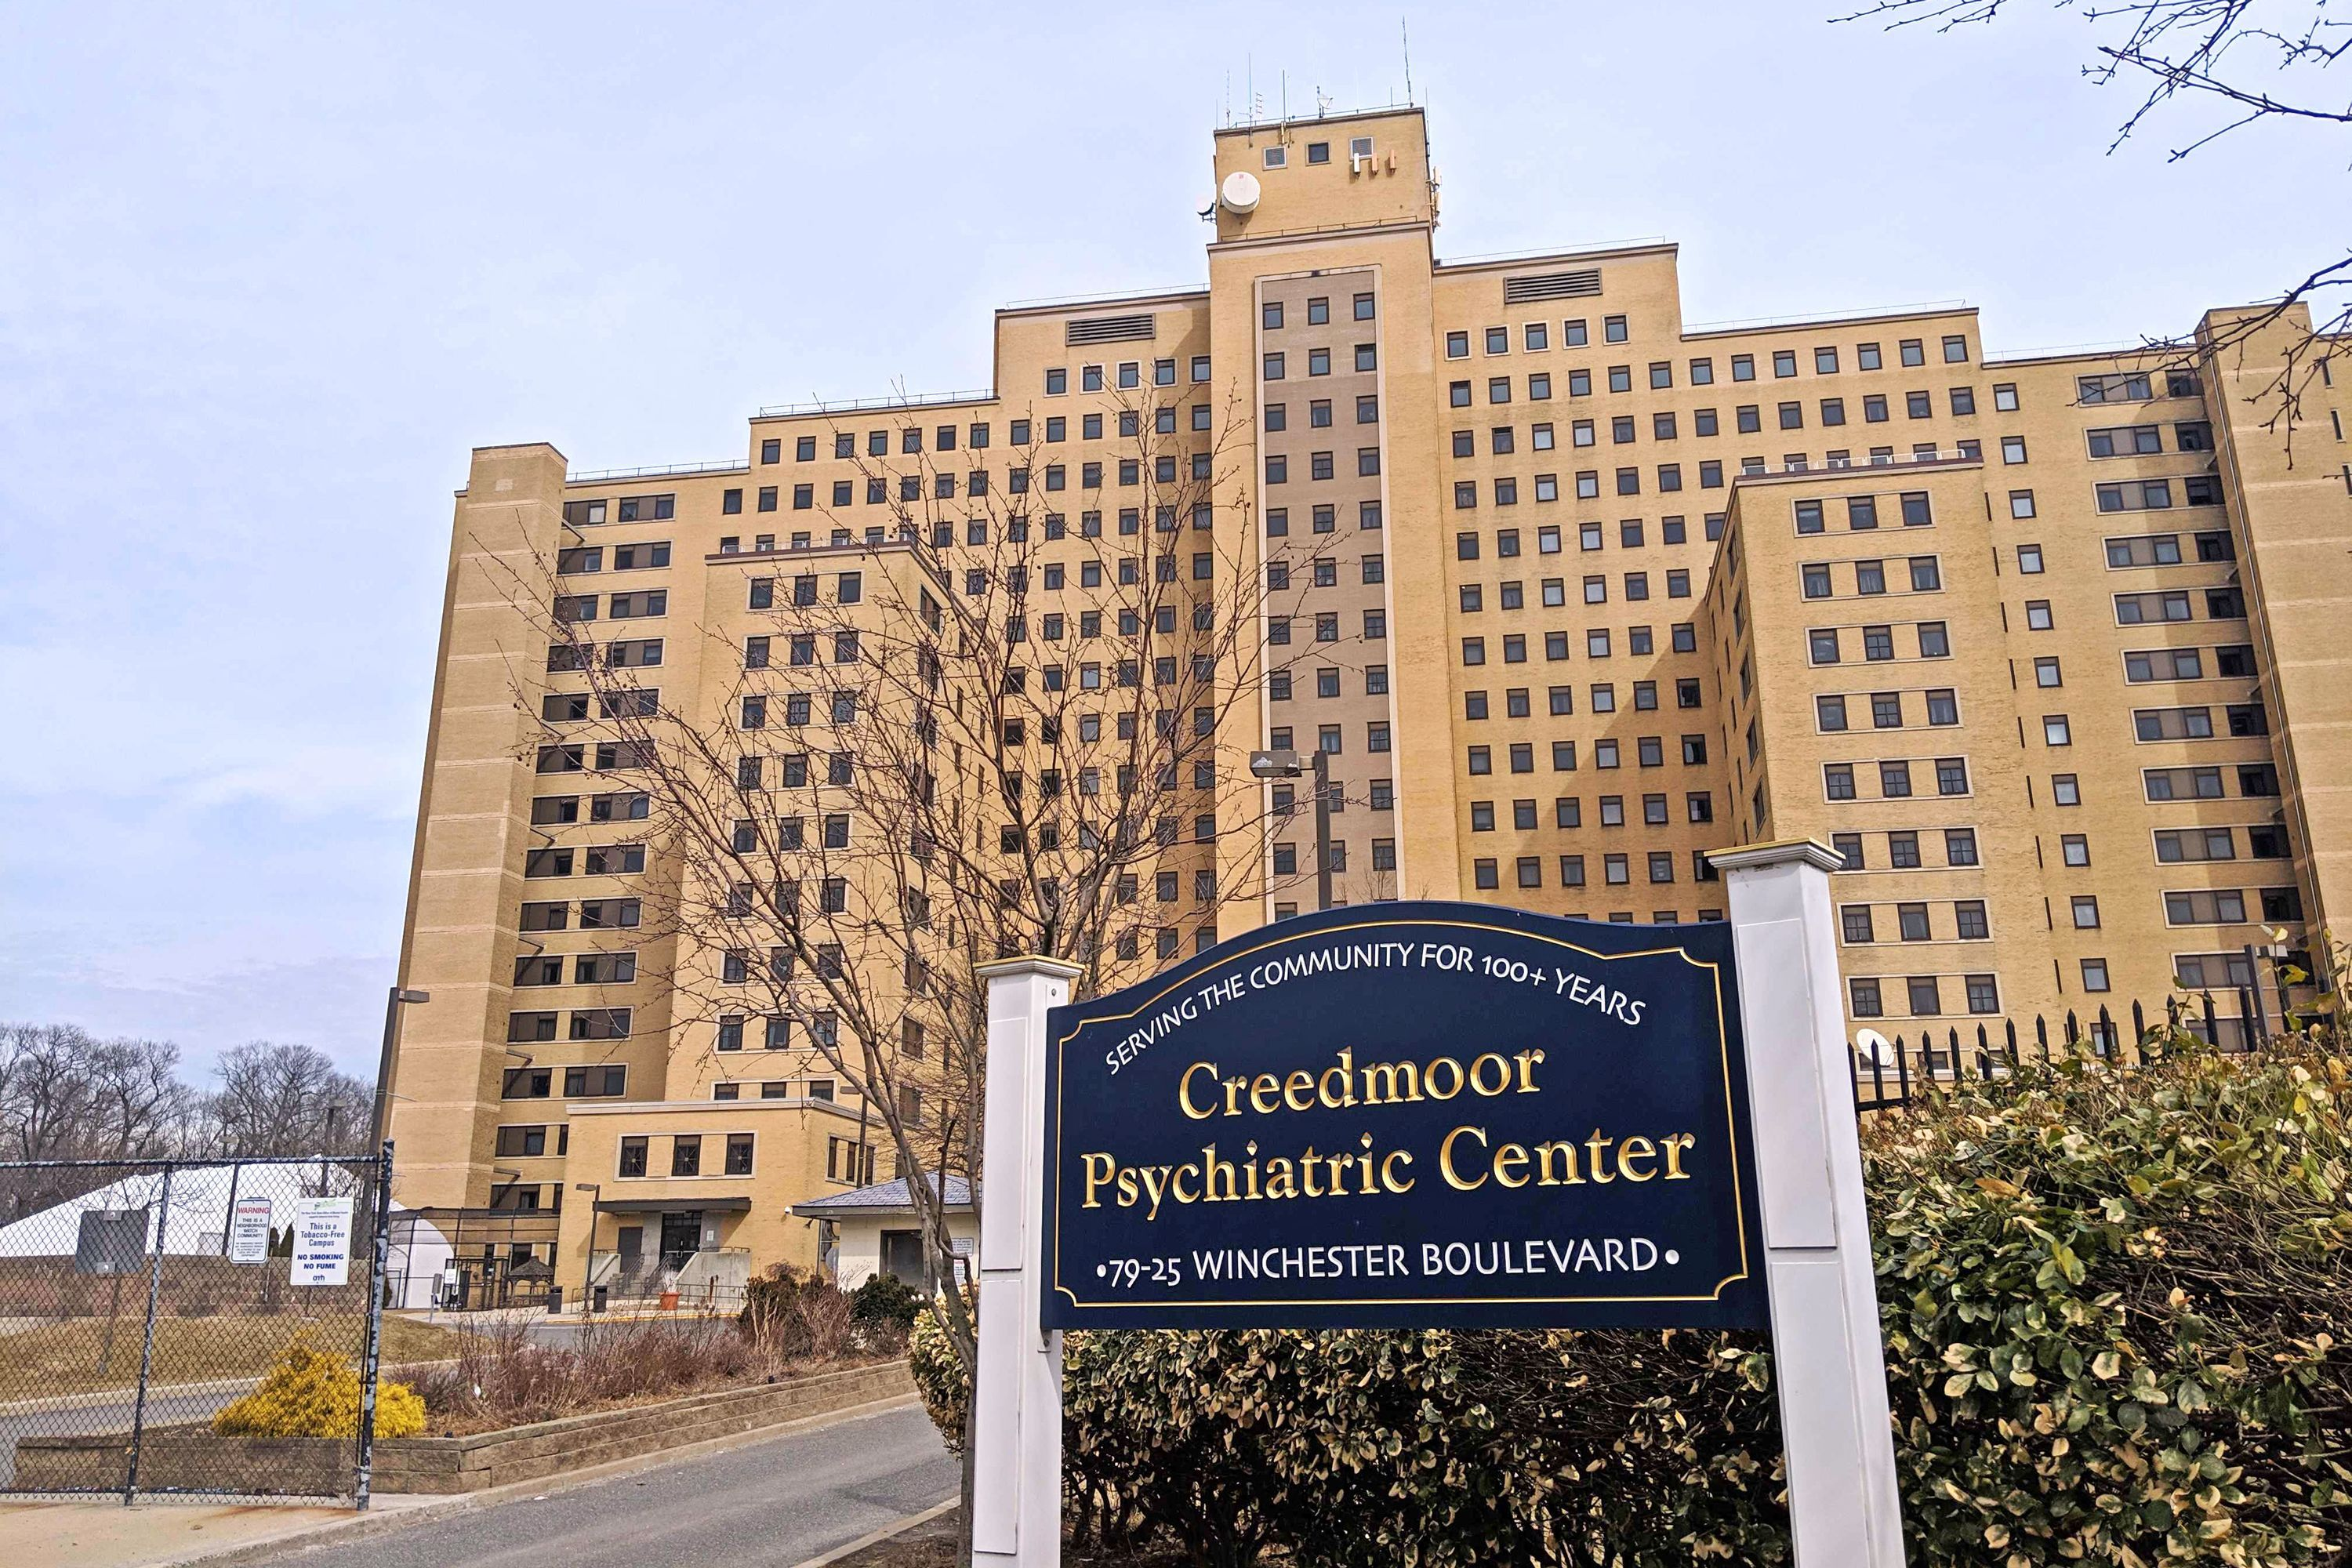 Creedmoor Psychiatric Center looms over Queens Village.